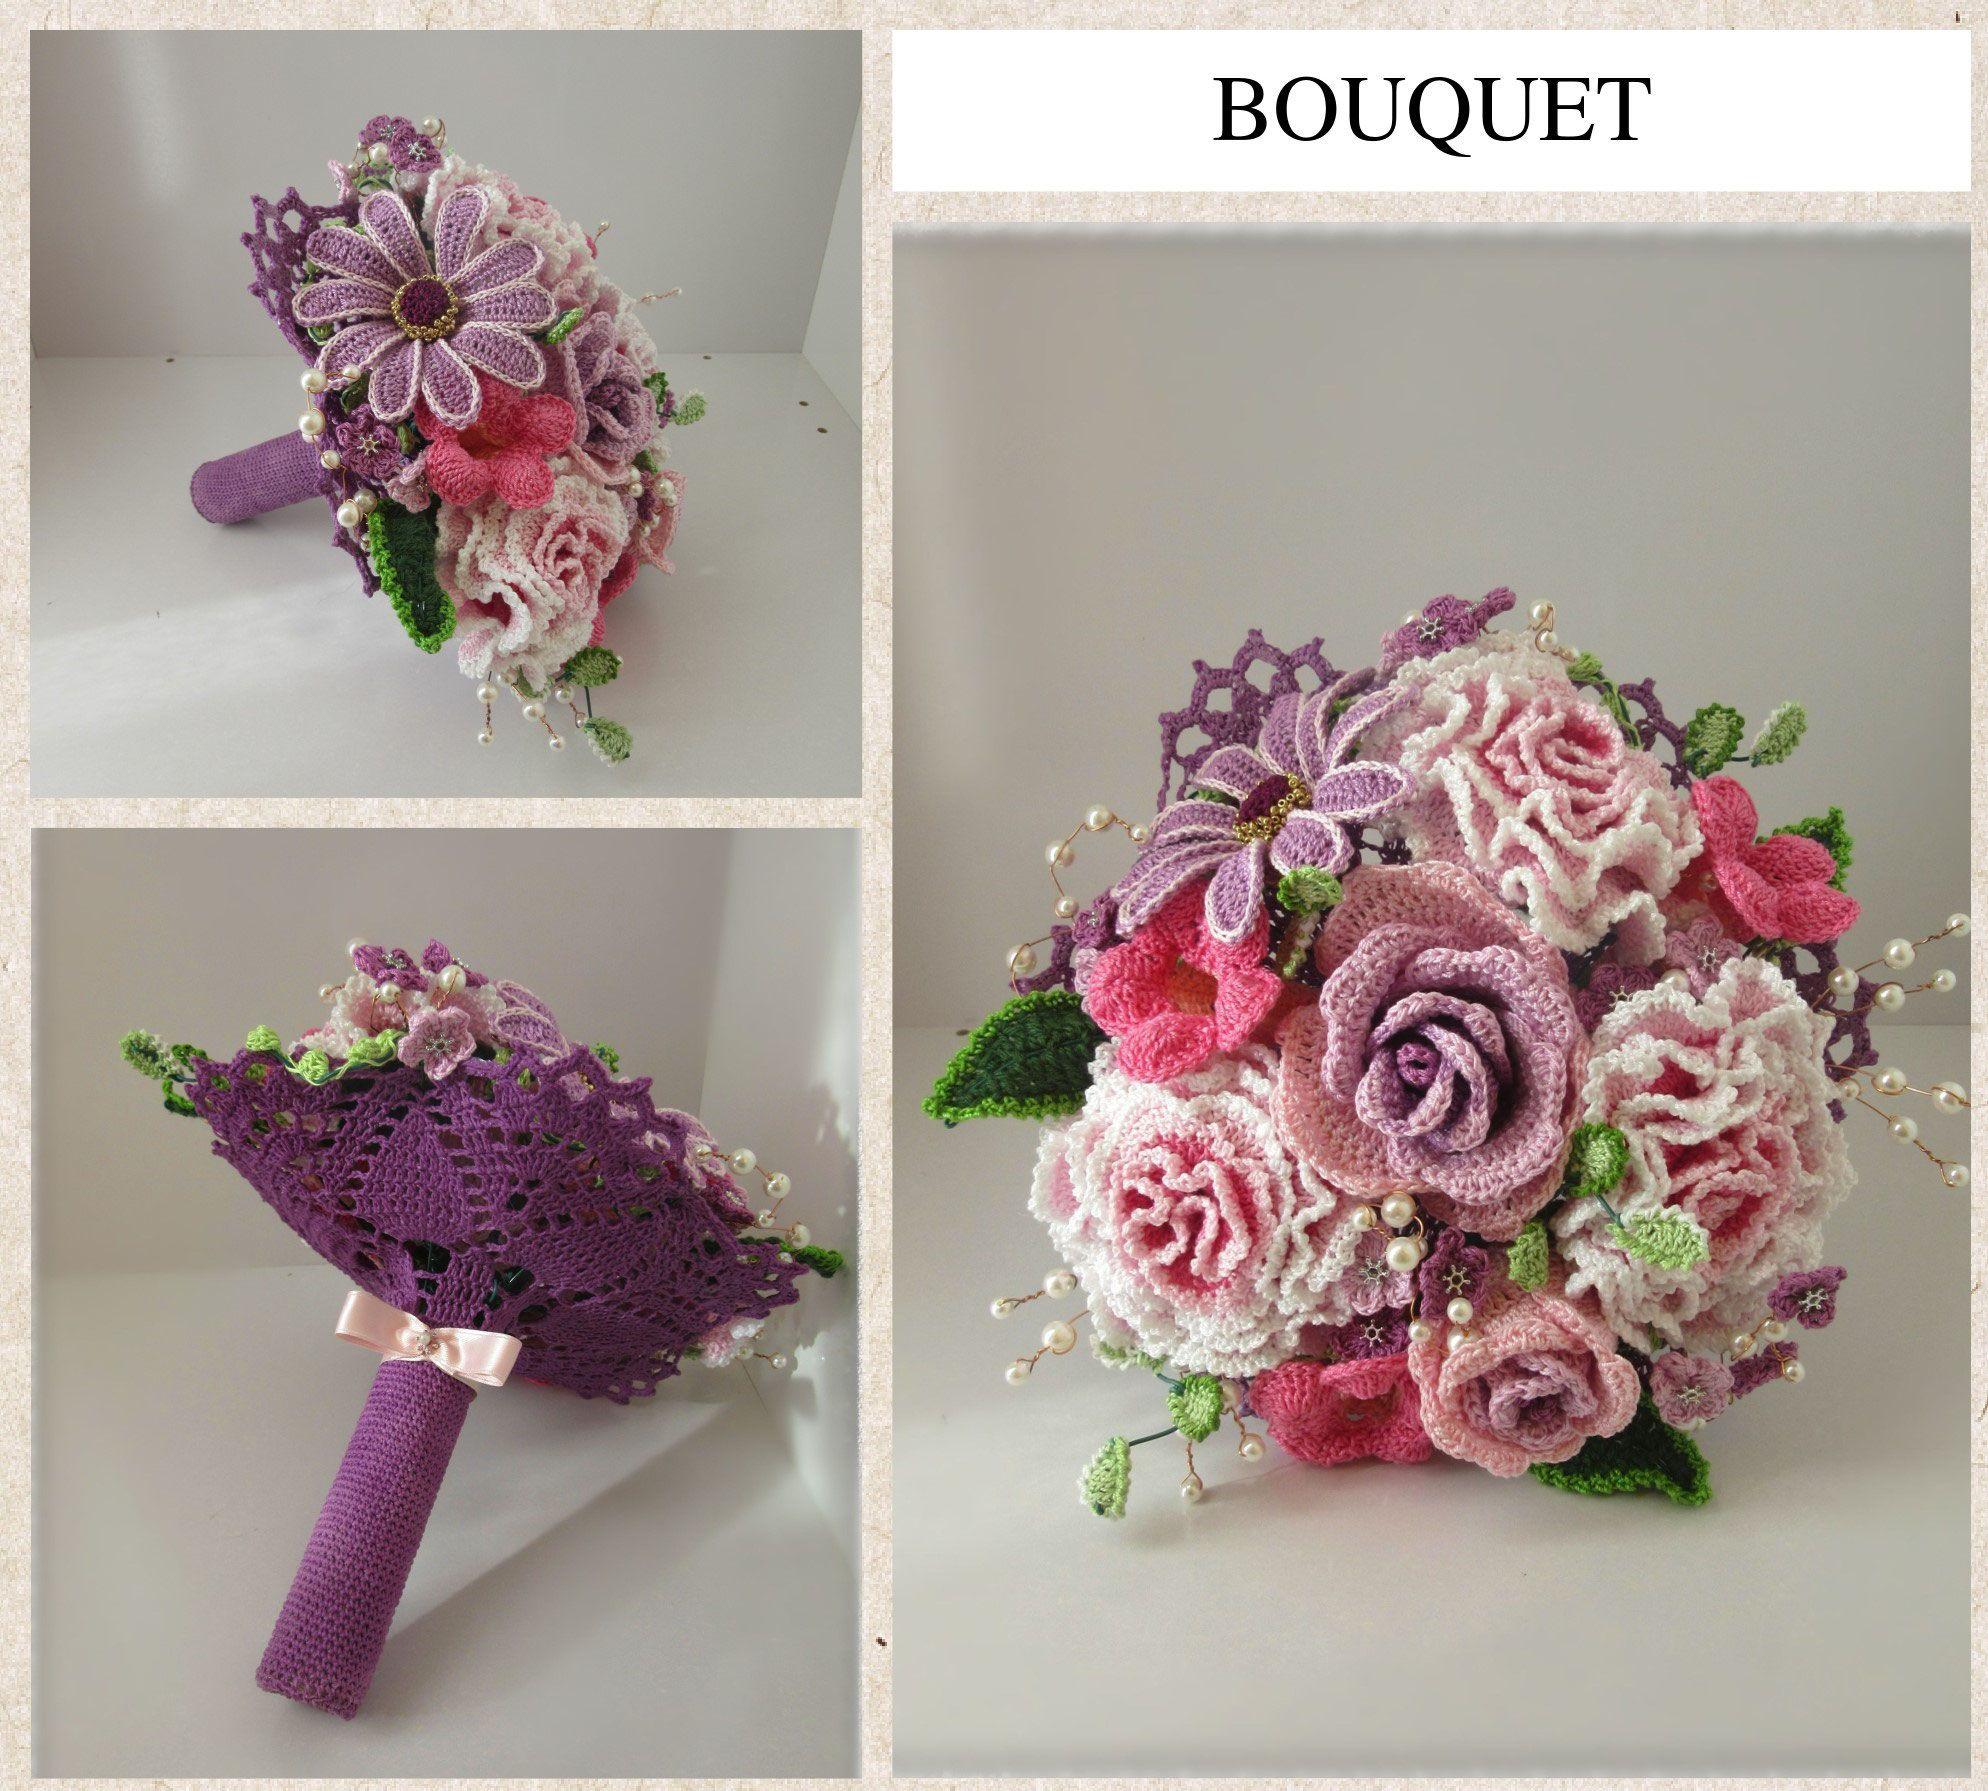 Catalogo Fiori.Catalogo Fiori All Uncinetto Crochet Flowers Con Immagini